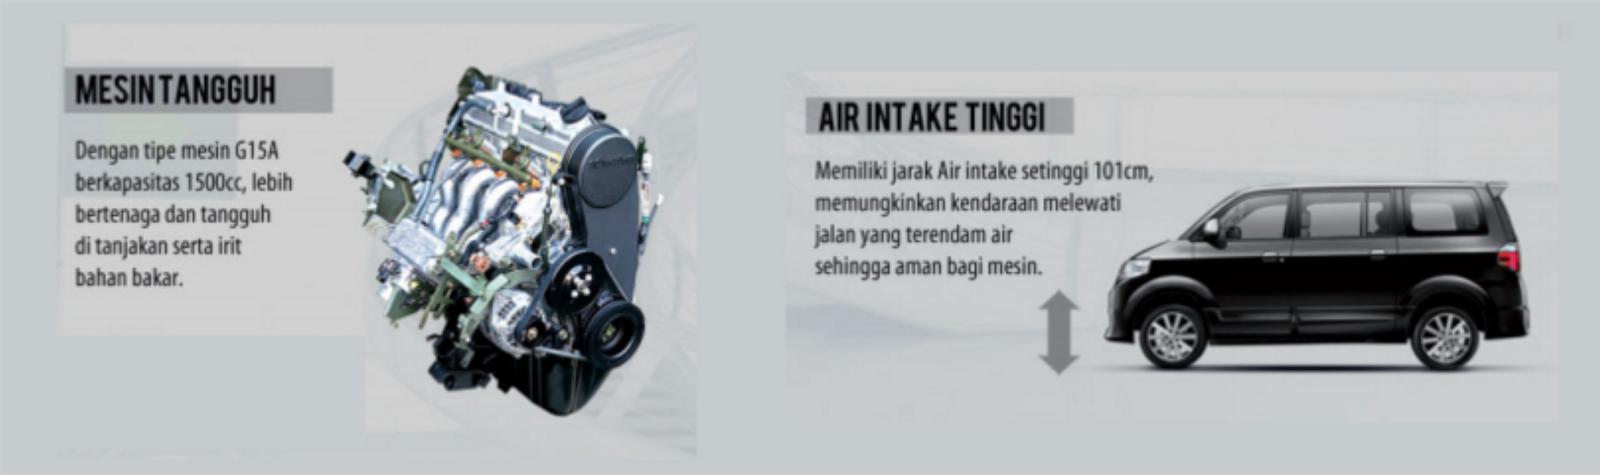 Fitur-Apv-New-Luxury